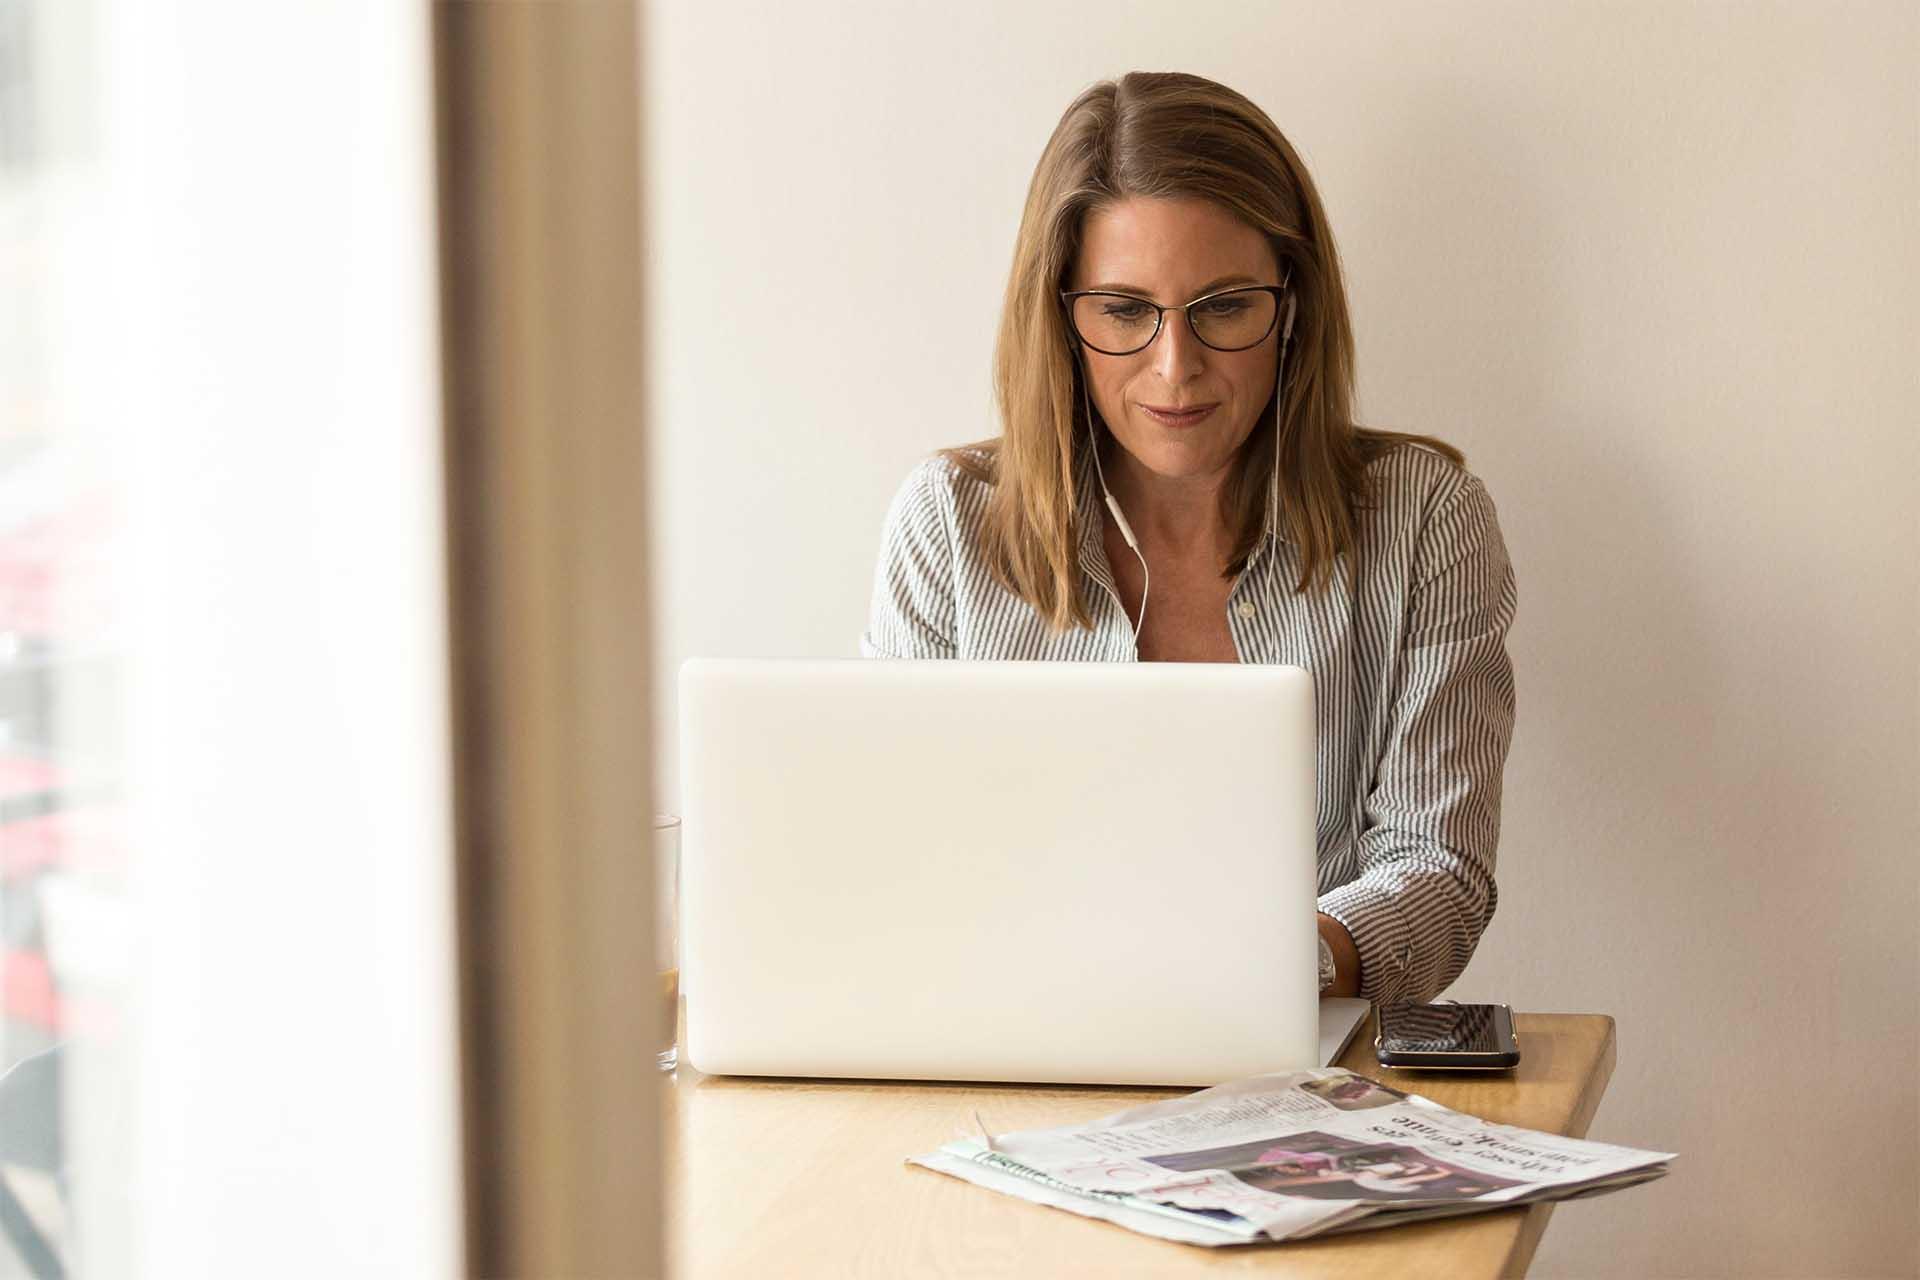 t2informatik Blog: When is a sales force agile?